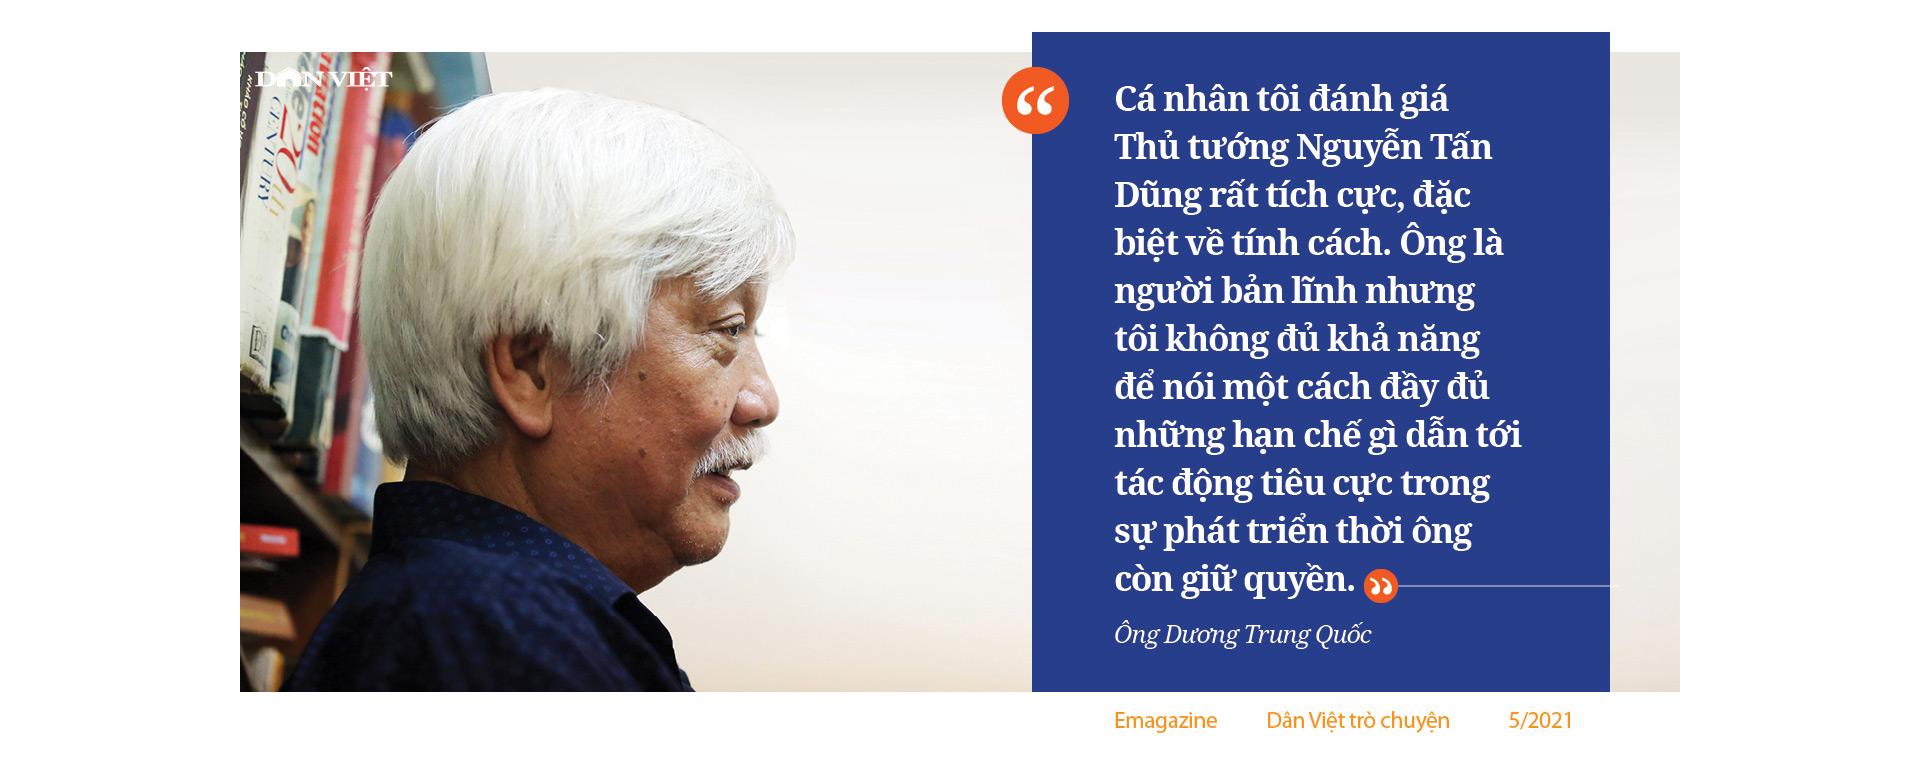 Ông Dương Trung Quốc chia sẻ những chuyện ít người biết sau 20 năm gắn bó nghị trường - Ảnh 11.